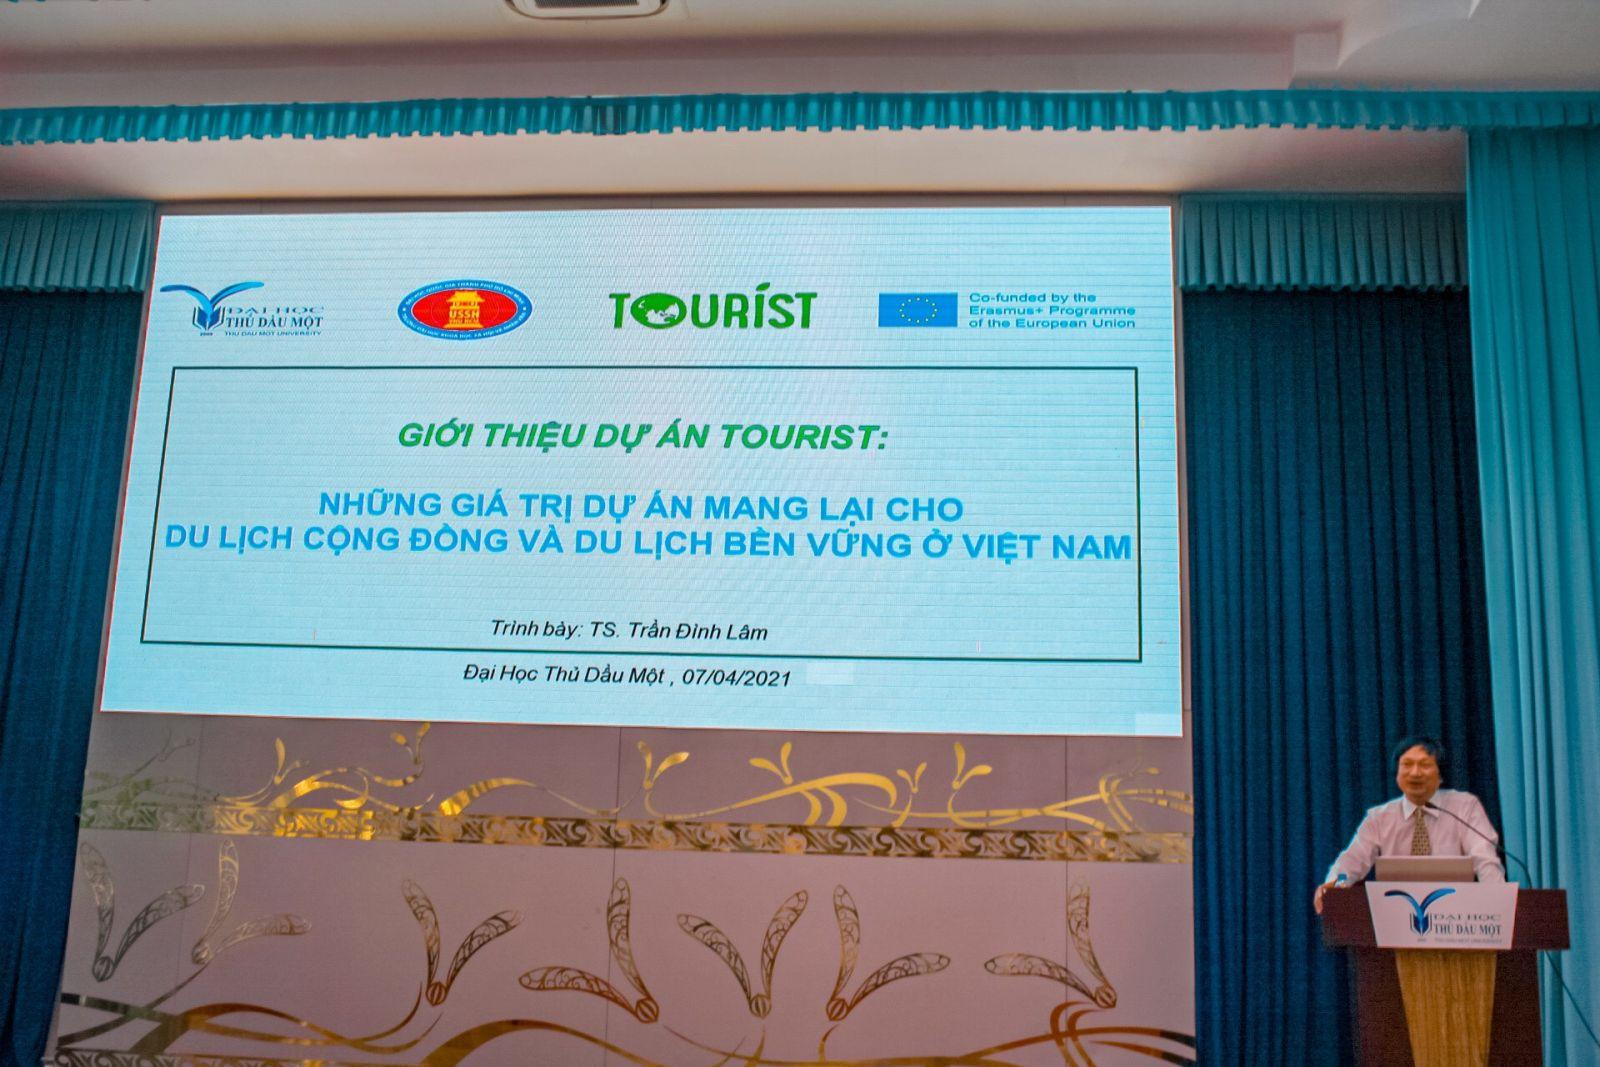 Tiến sĩ kinh tế Trần Đình Lâm - Giám đốc Trung tâm Nghiên cừu Việt Nam & Đông Nam Á, ĐH KHXHNV- Đại học Quốc gia TP.HCM, giới thiệu những giá trị mà dự án mang lại cho du lịch cộng đồng và du lịch bền vững tại Việt Nam